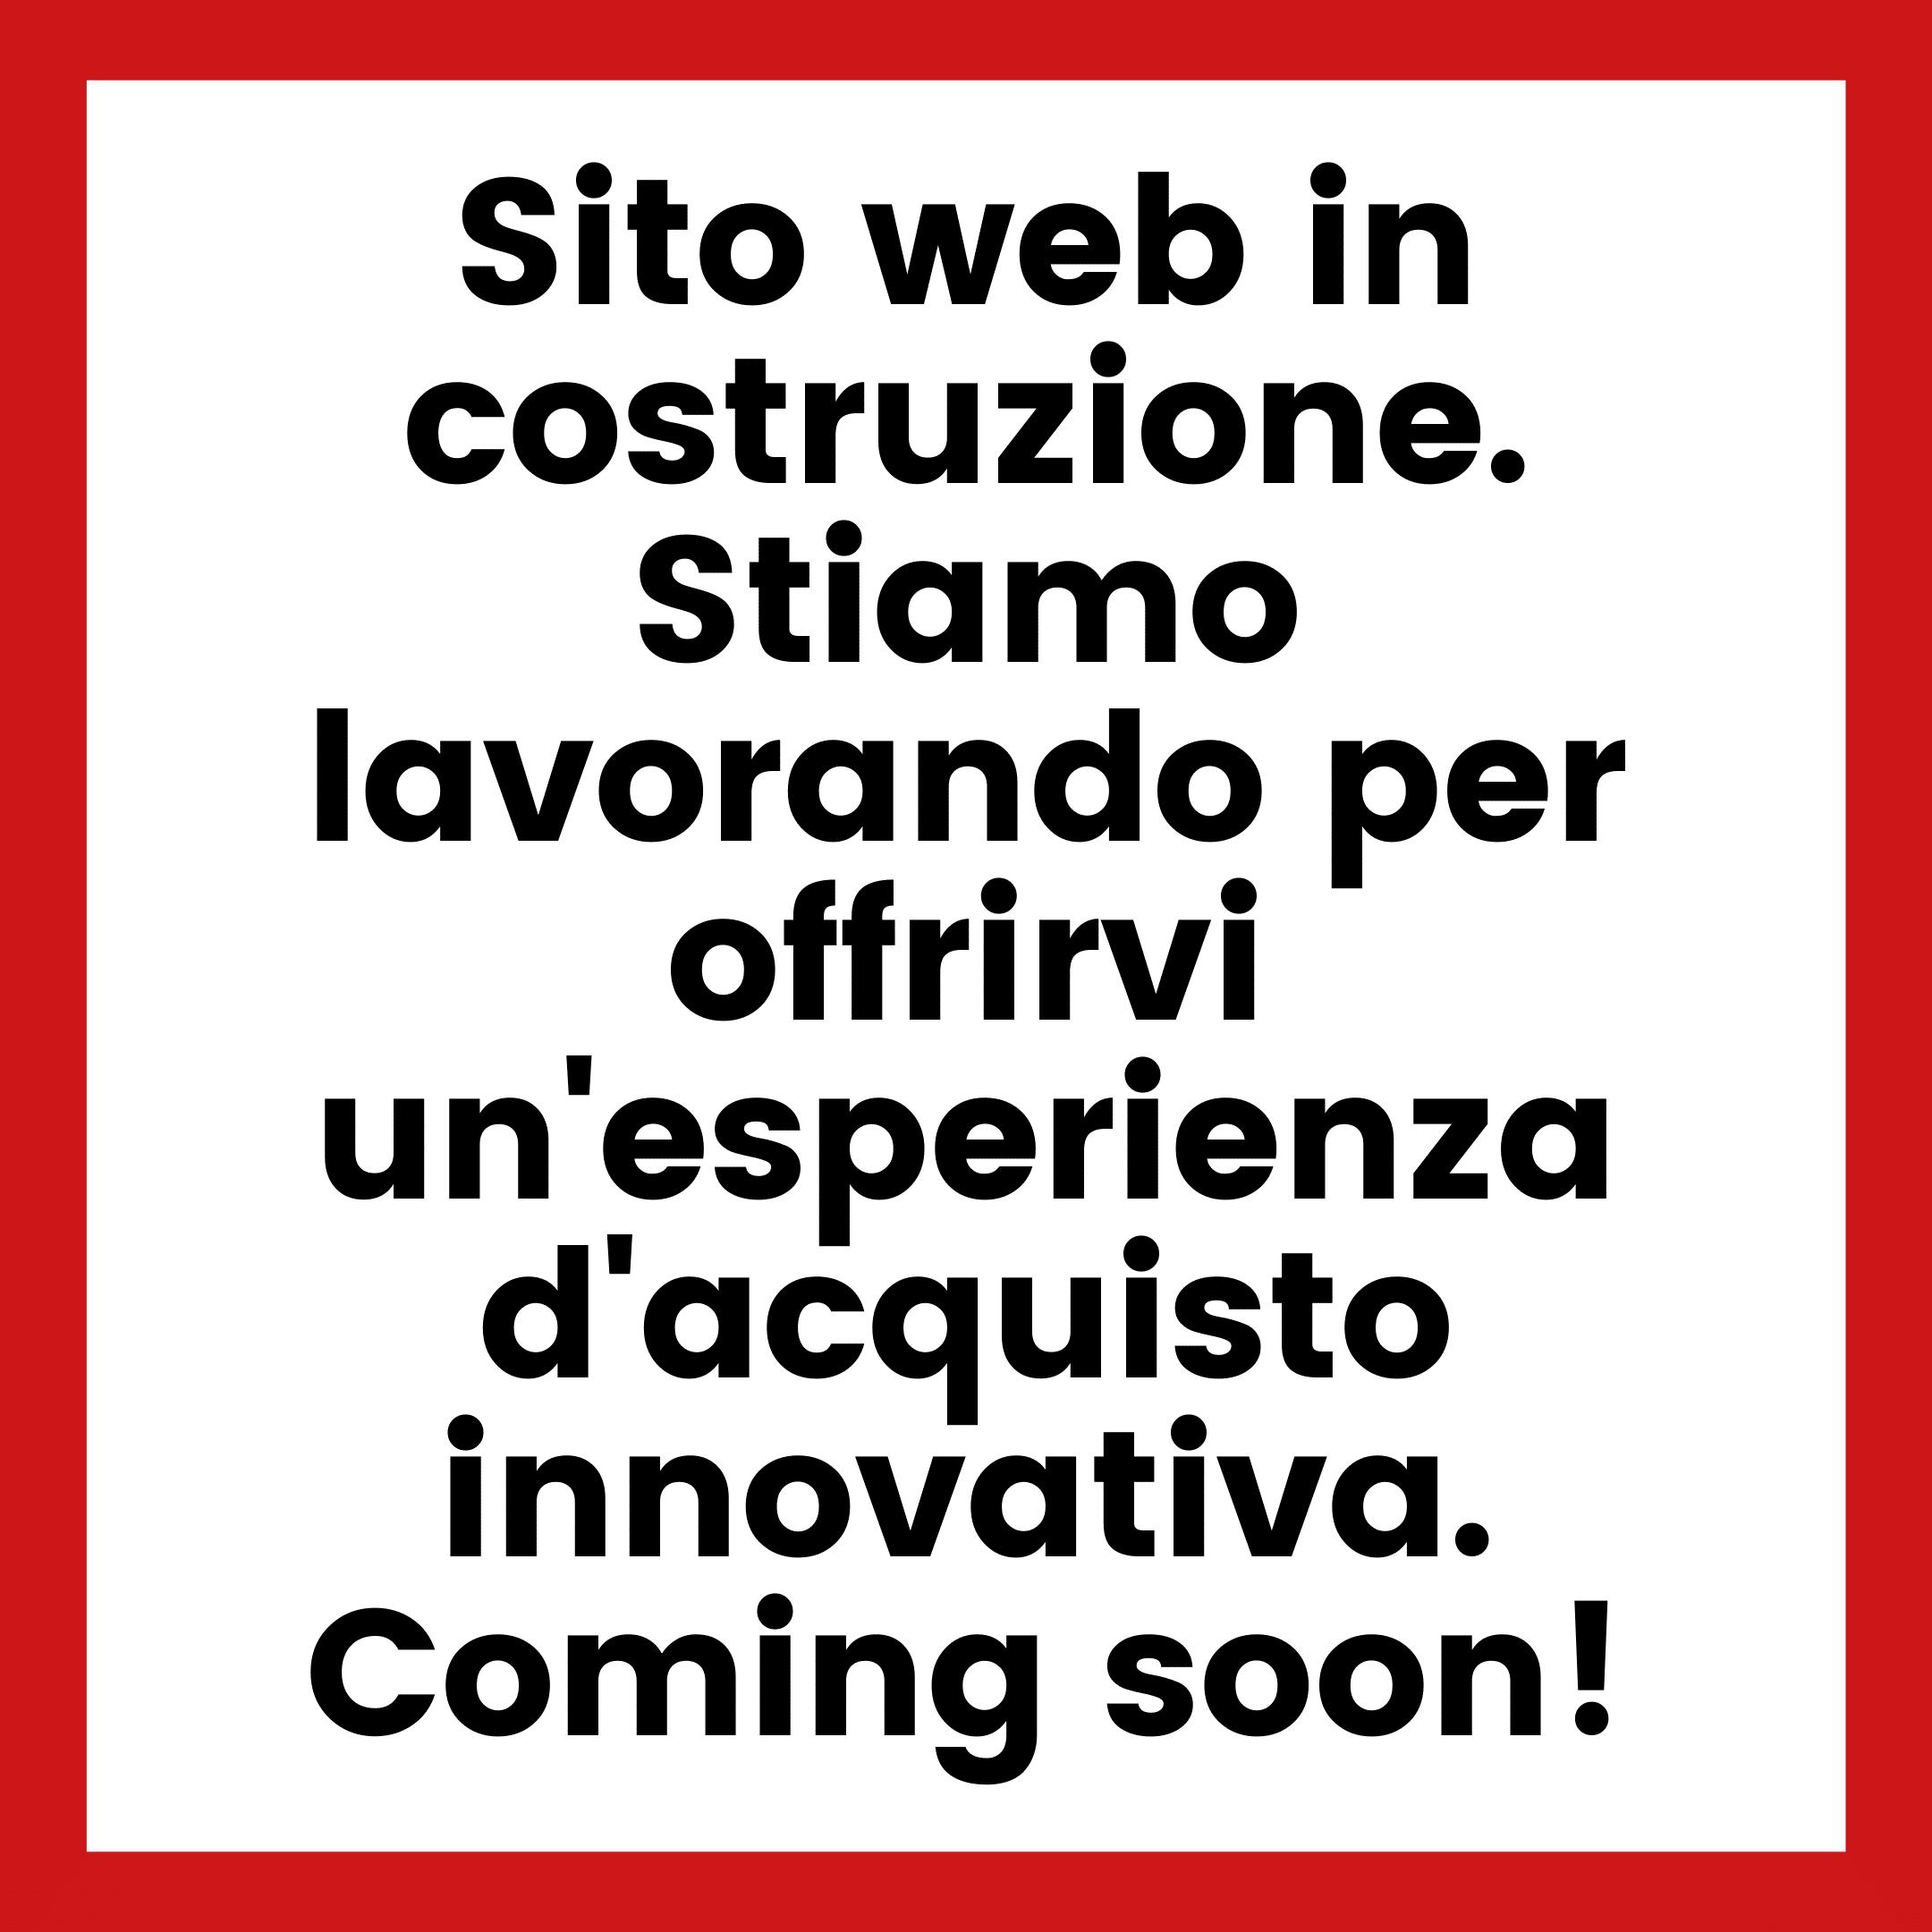 sito-web-in-allestimento